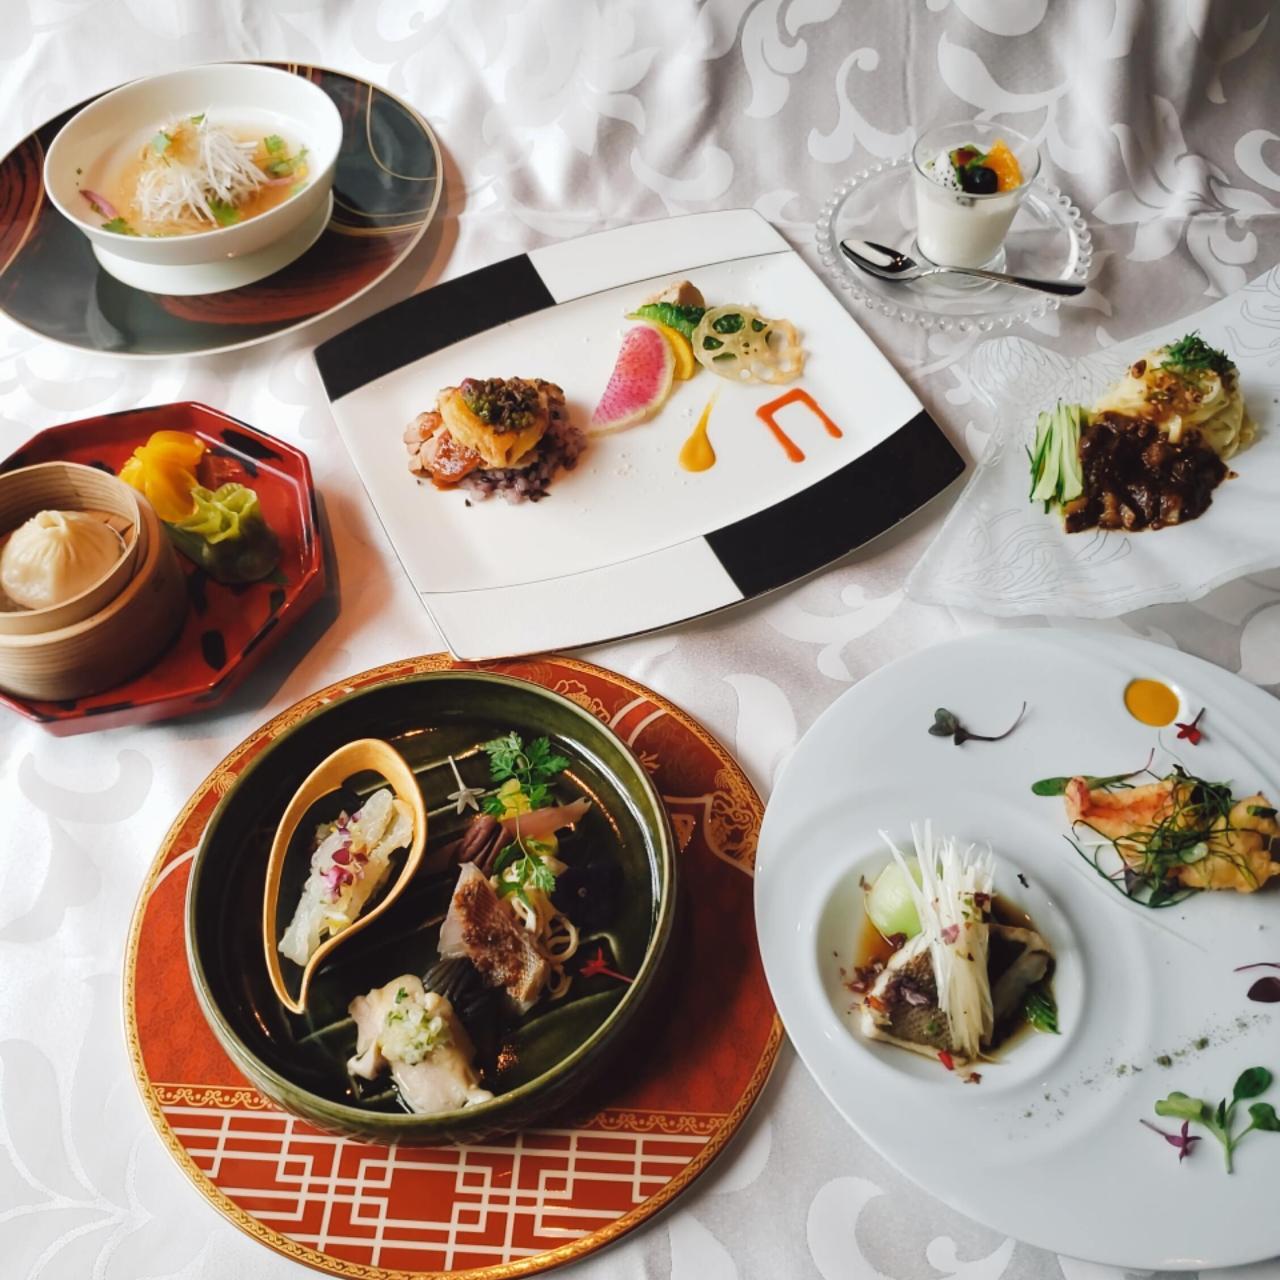 ◆当店料理長おすすめ―シェフセレクトコース―◆フカヒレ、海鮮料理、牛ほほ肉等個々盛全7品